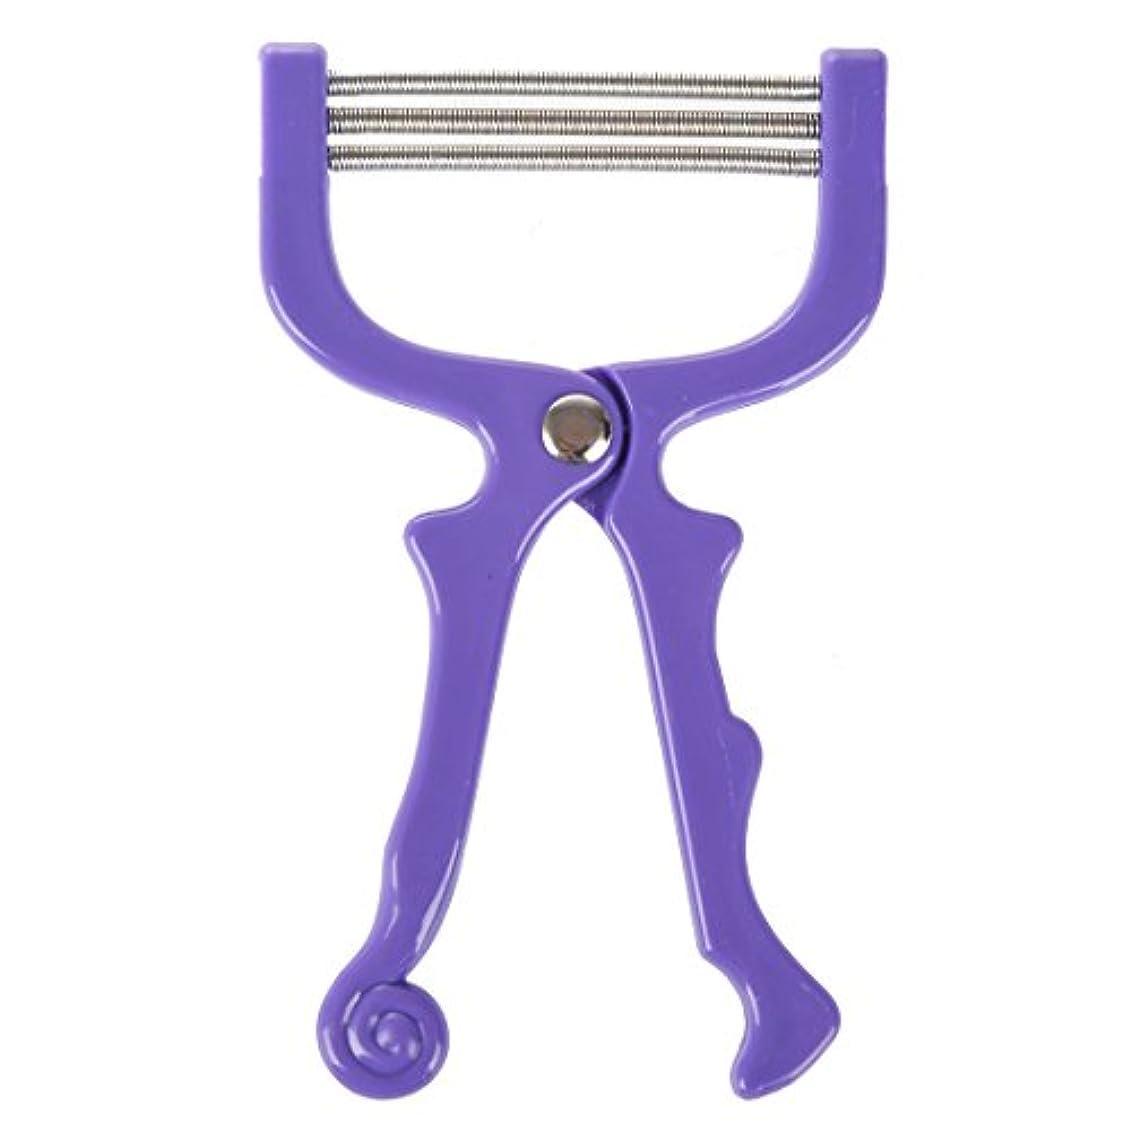 溢れんばかりのバスルーム追い出すACAMPTAR ハンドヘルドひげ脱毛スレッディング美容脱毛器ツール